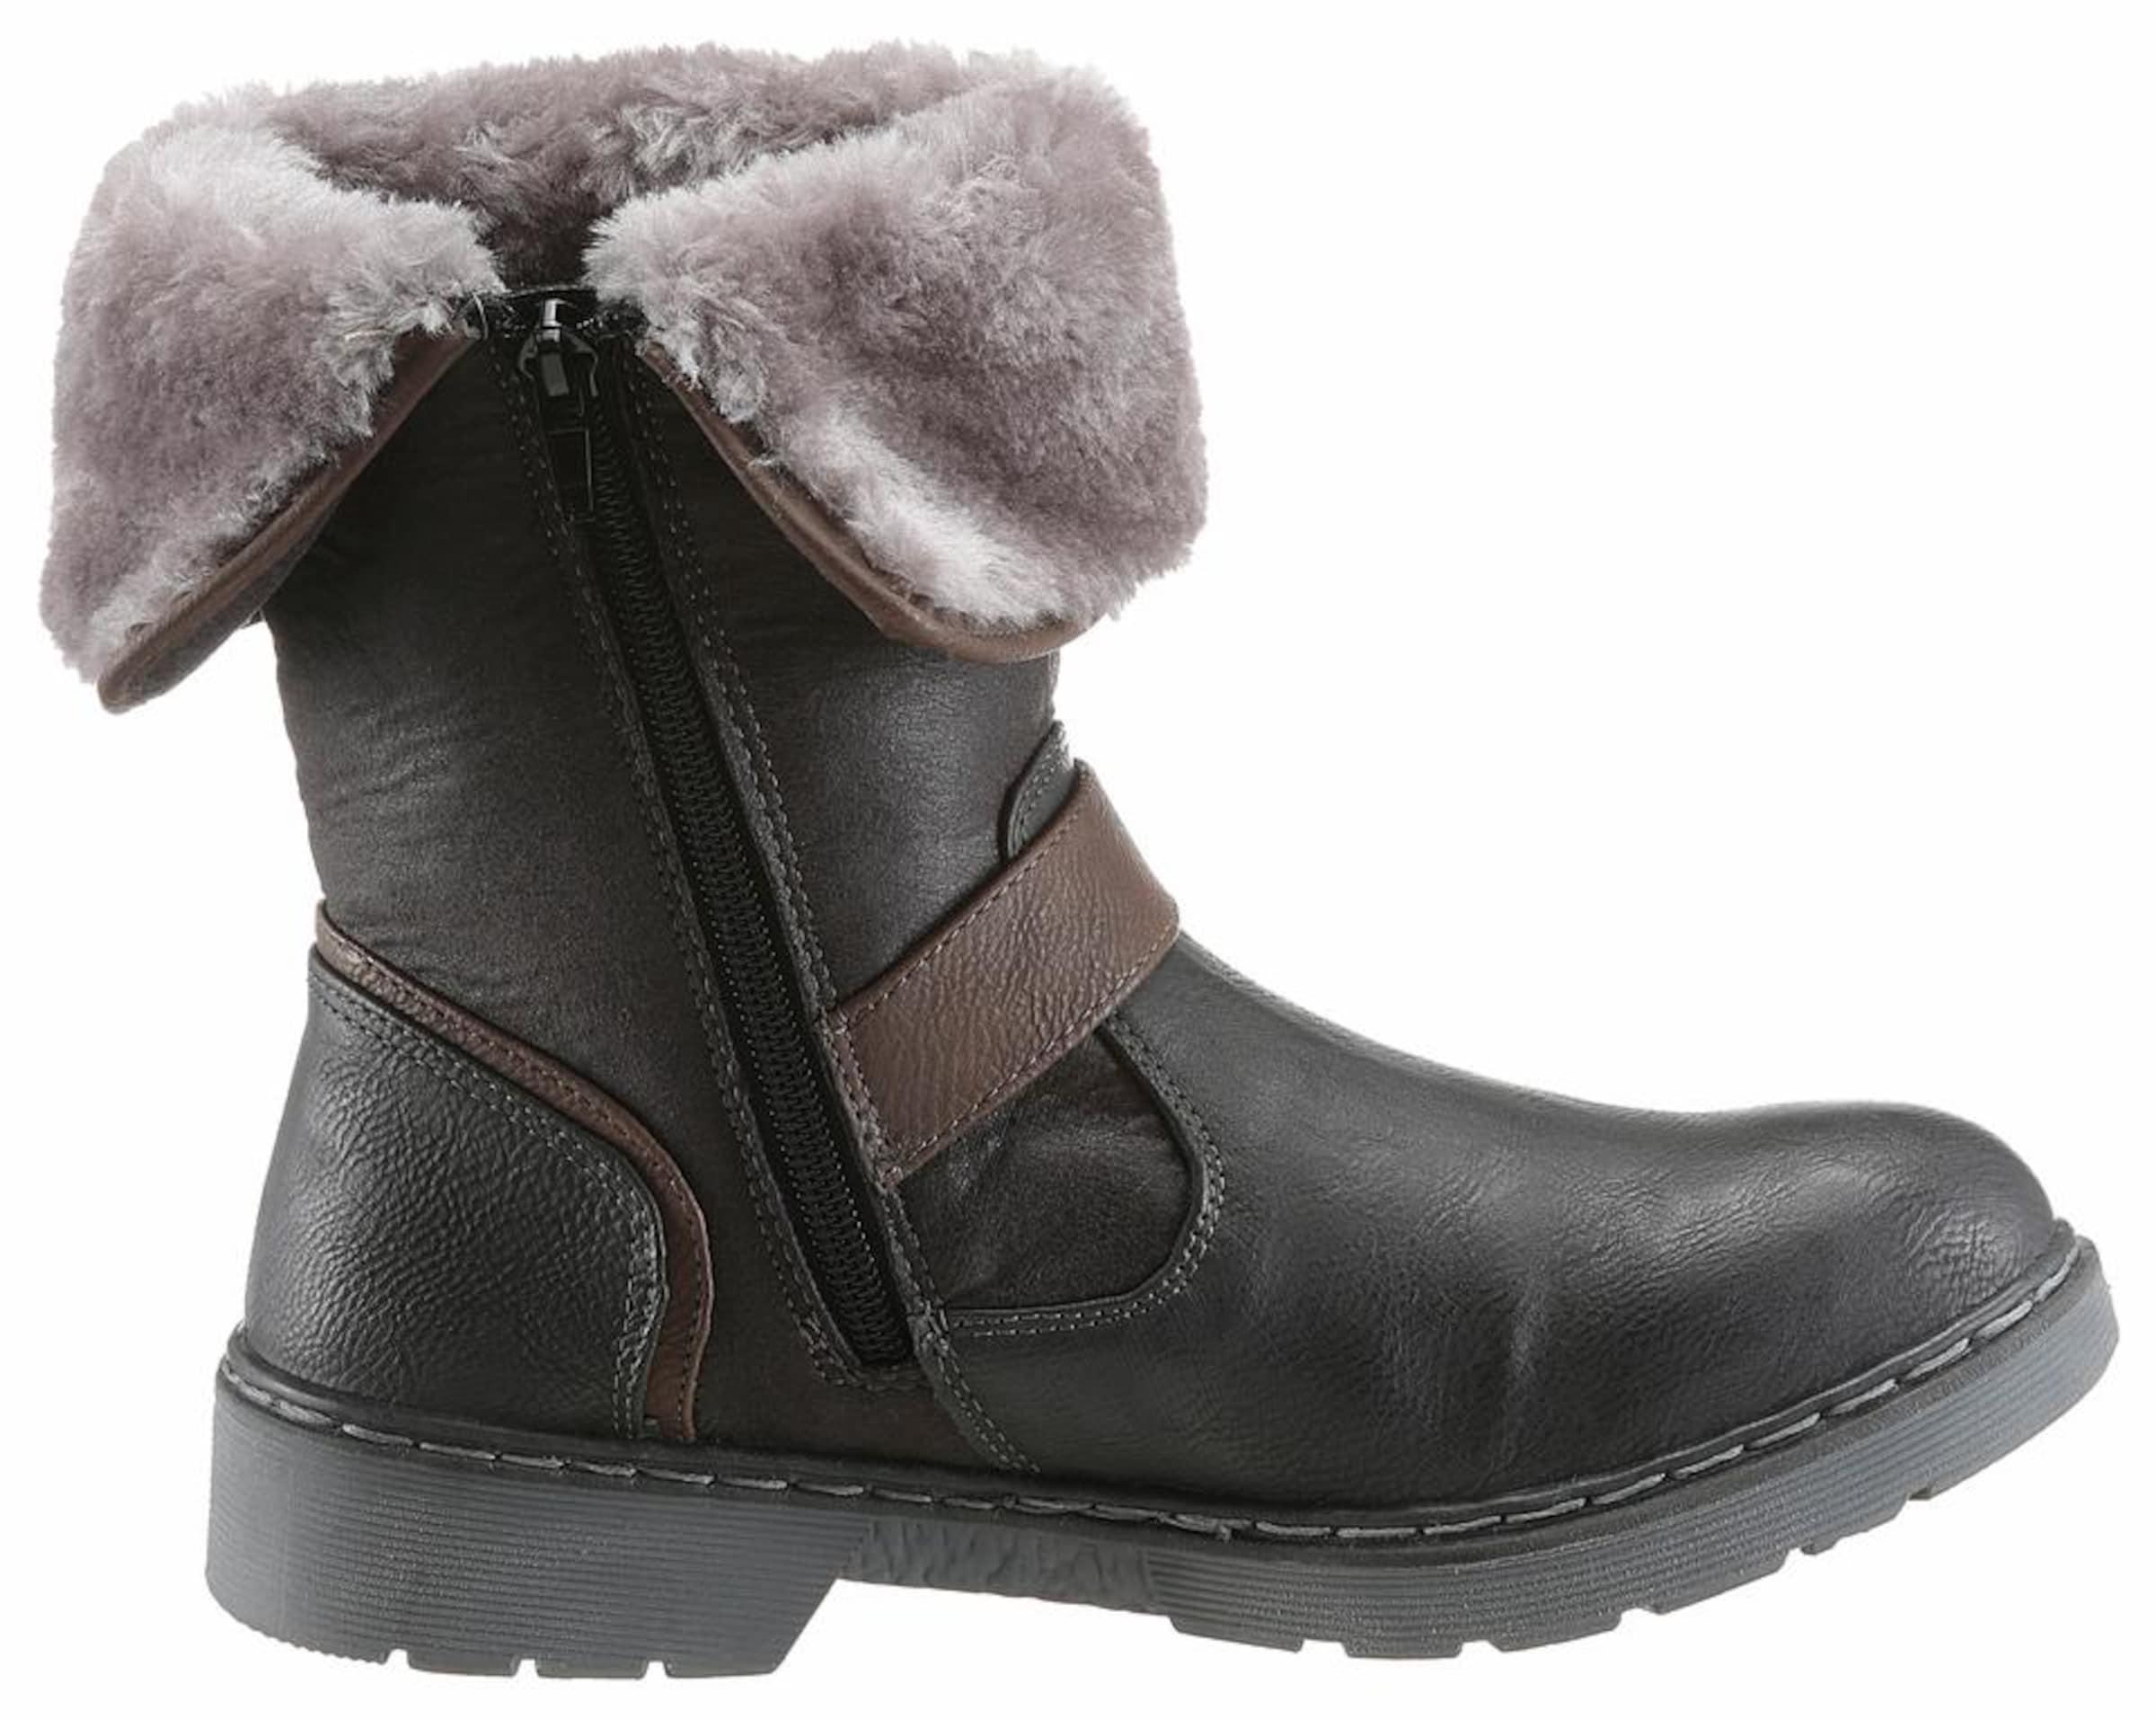 MUSTANG Shoes Winterstiefelette Rabatt Finish Online Gehen Verkauf Von Top-Qualität Gefälschte Online OG7Iu